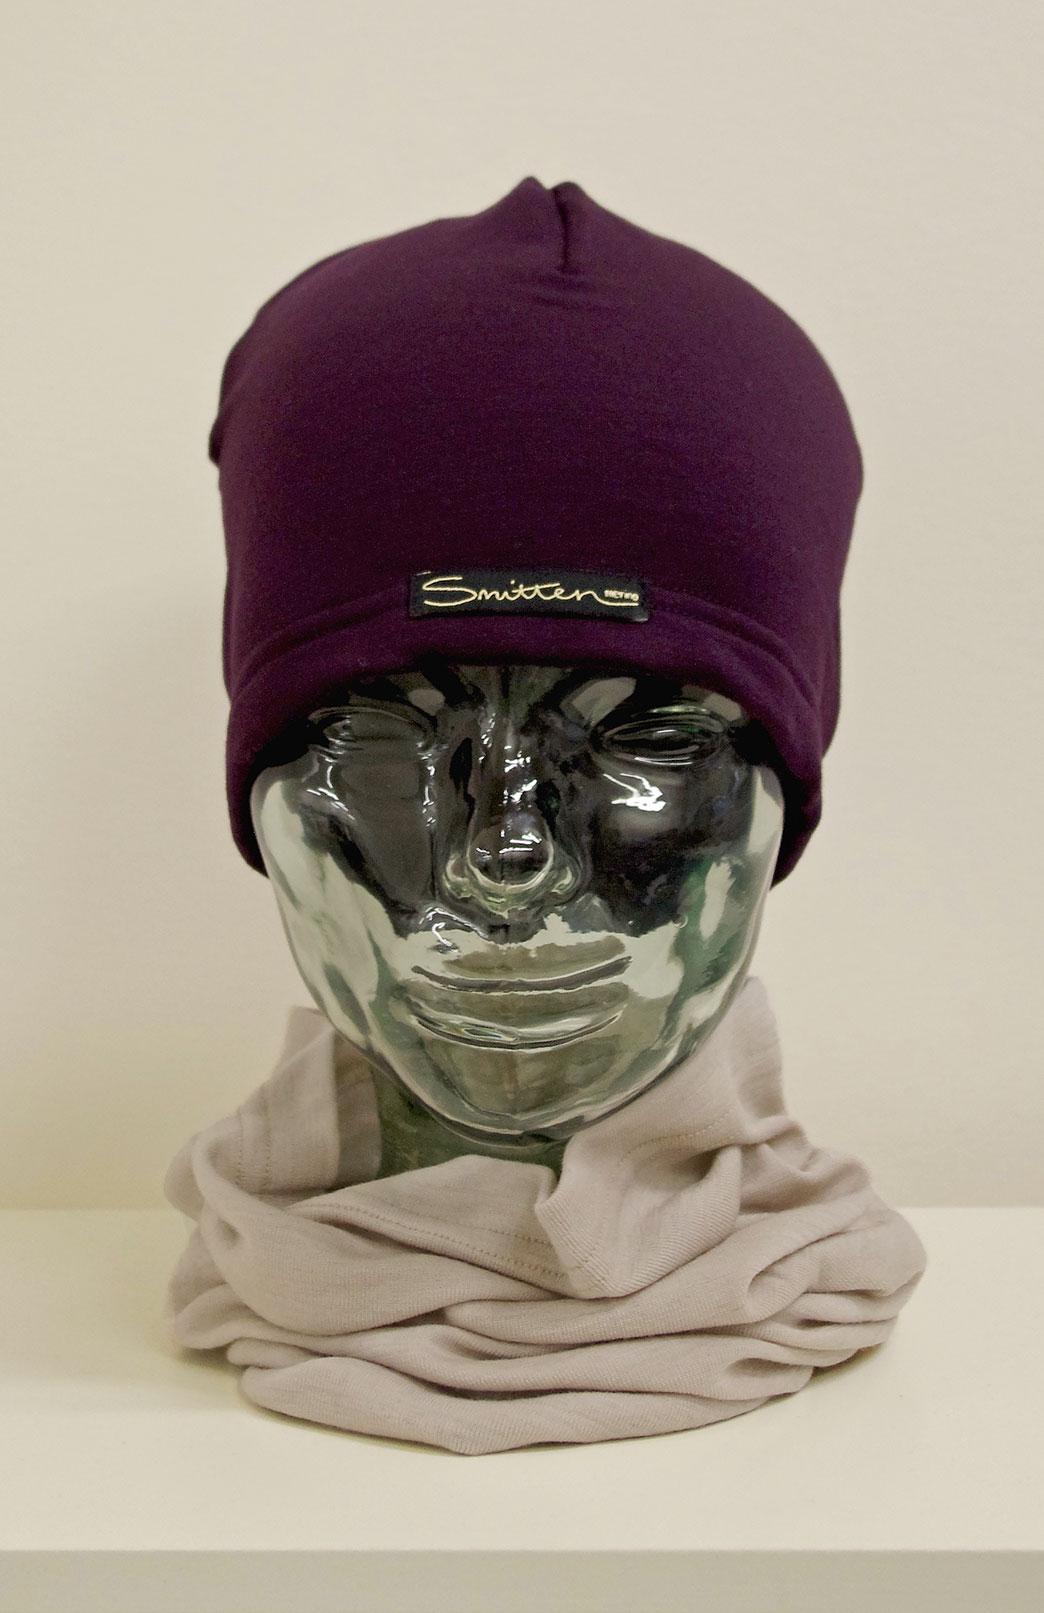 Beanie - Fleece - Unisex Plum Purple Merino Wool Fleece Beanie - Smitten Merino Tasmania Australia